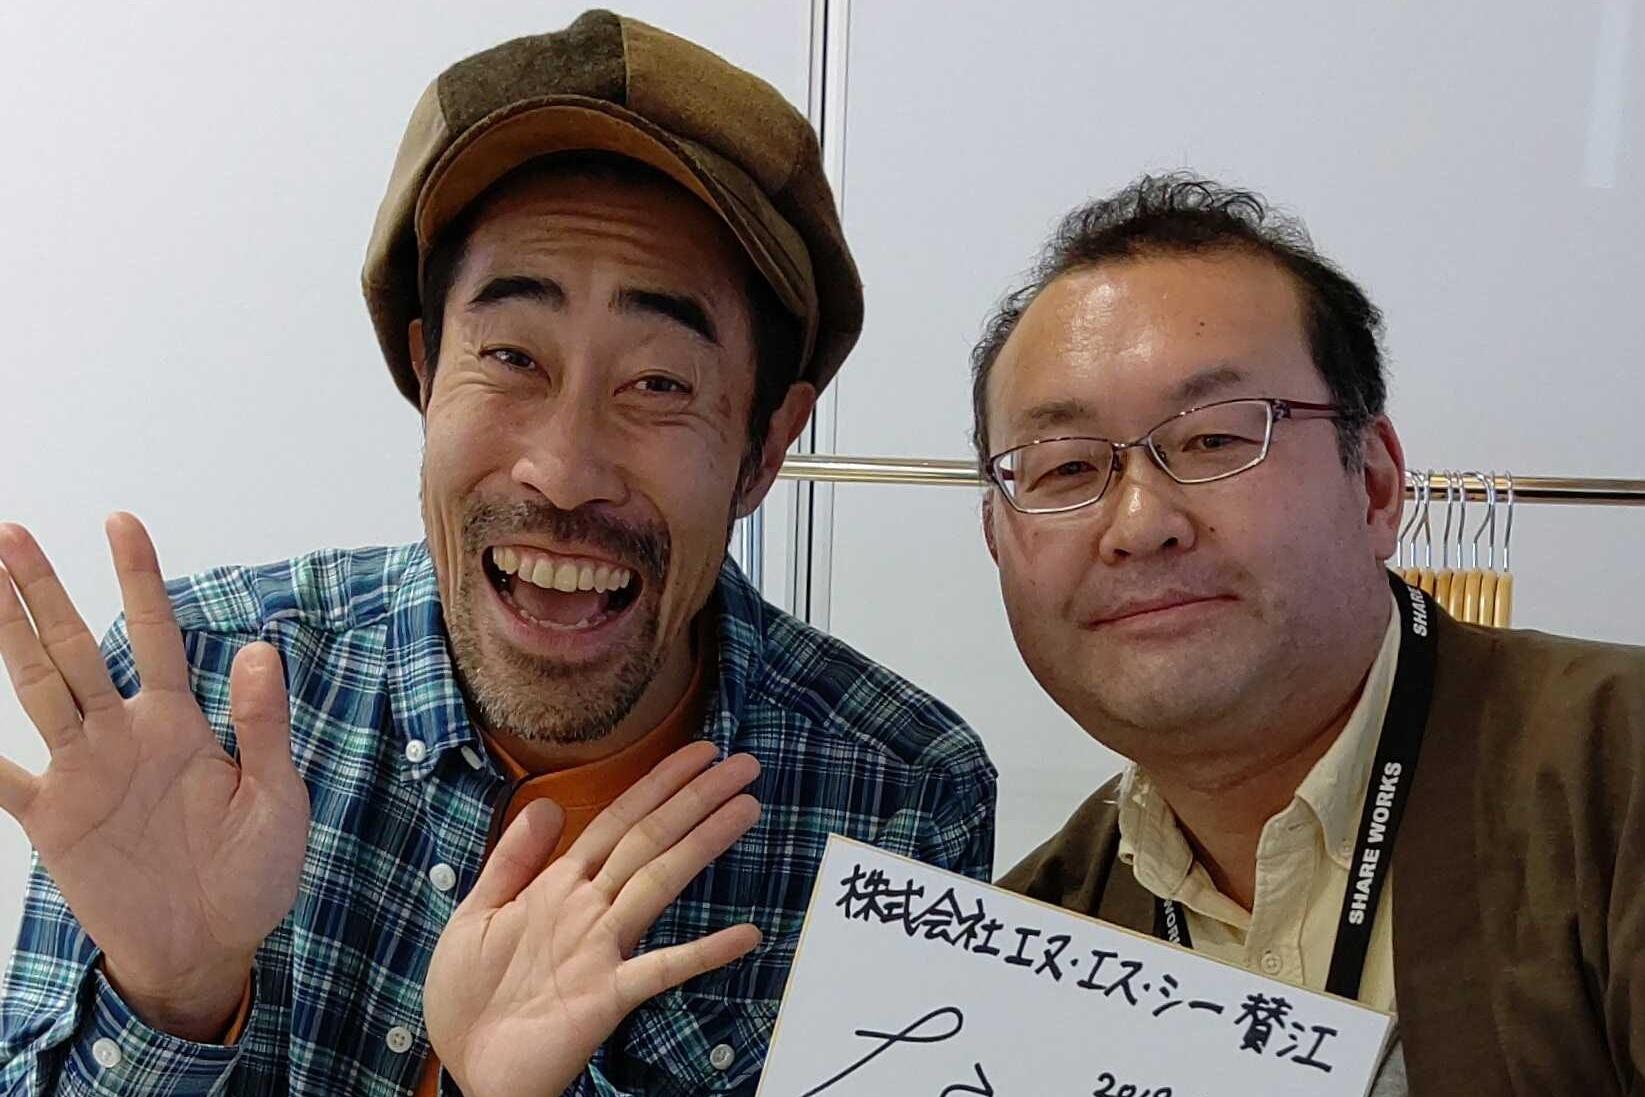 弊社協力の「あゆむcafe」さんテレビ出演のお知らせ